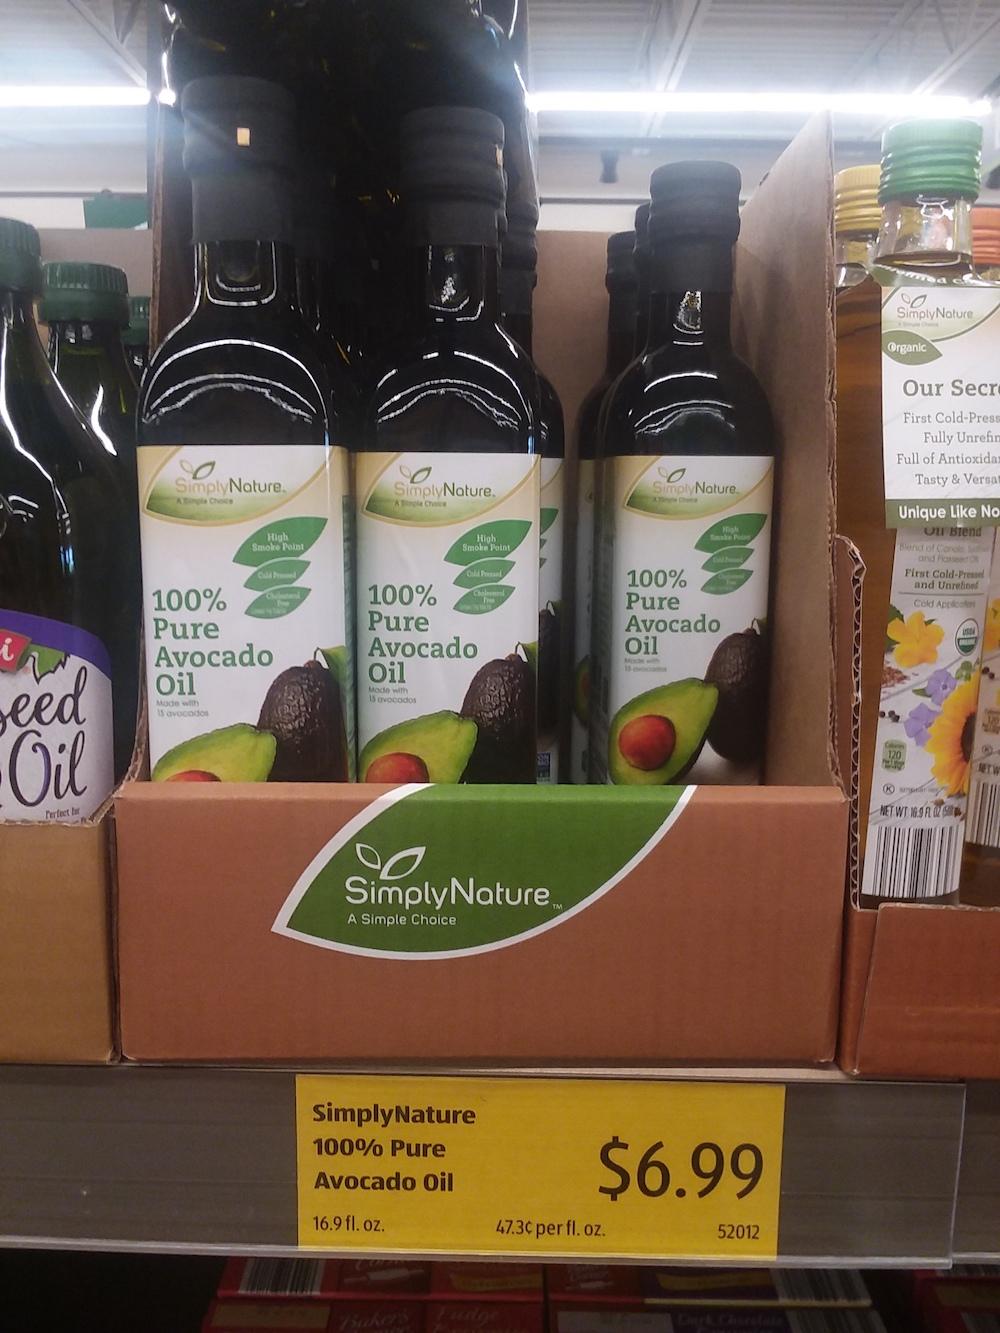 Aldi avocado oil with price.jpg